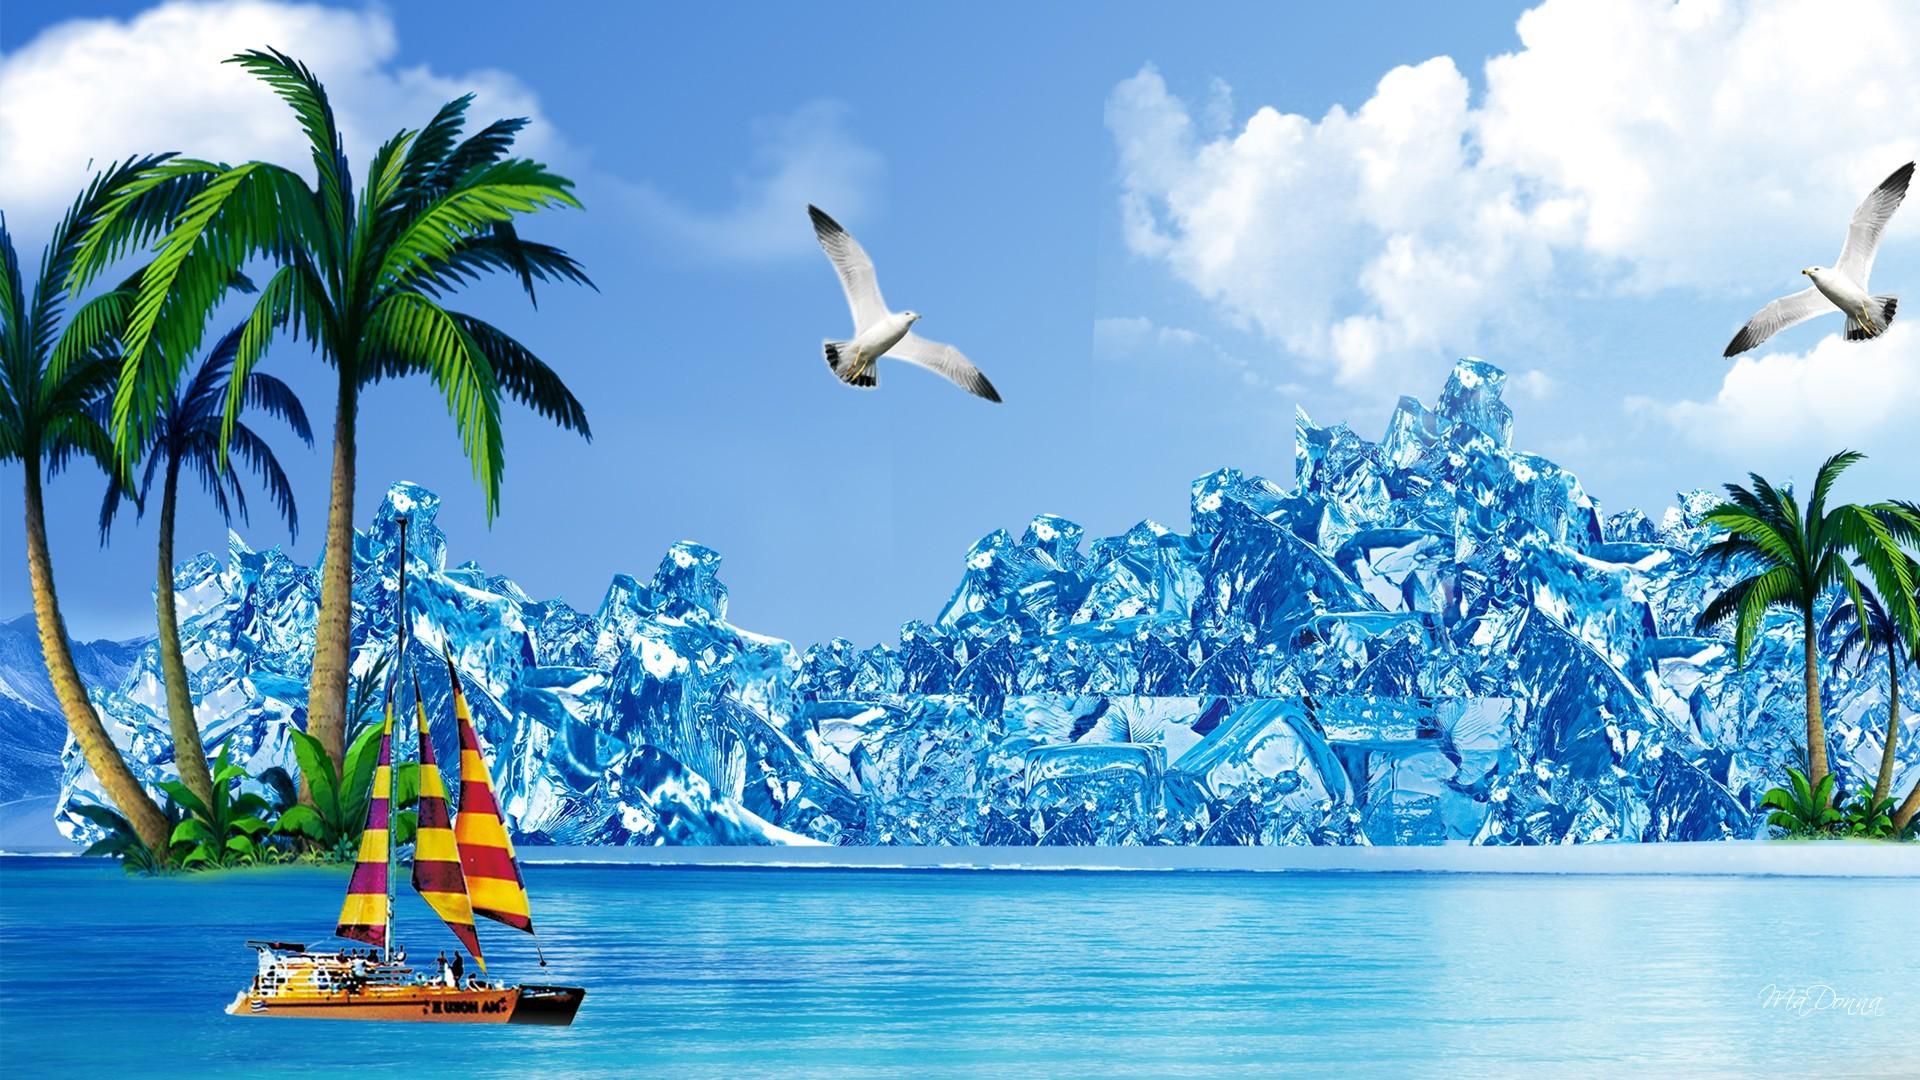 Cool Summer Desktop Wallpaper HD Free.